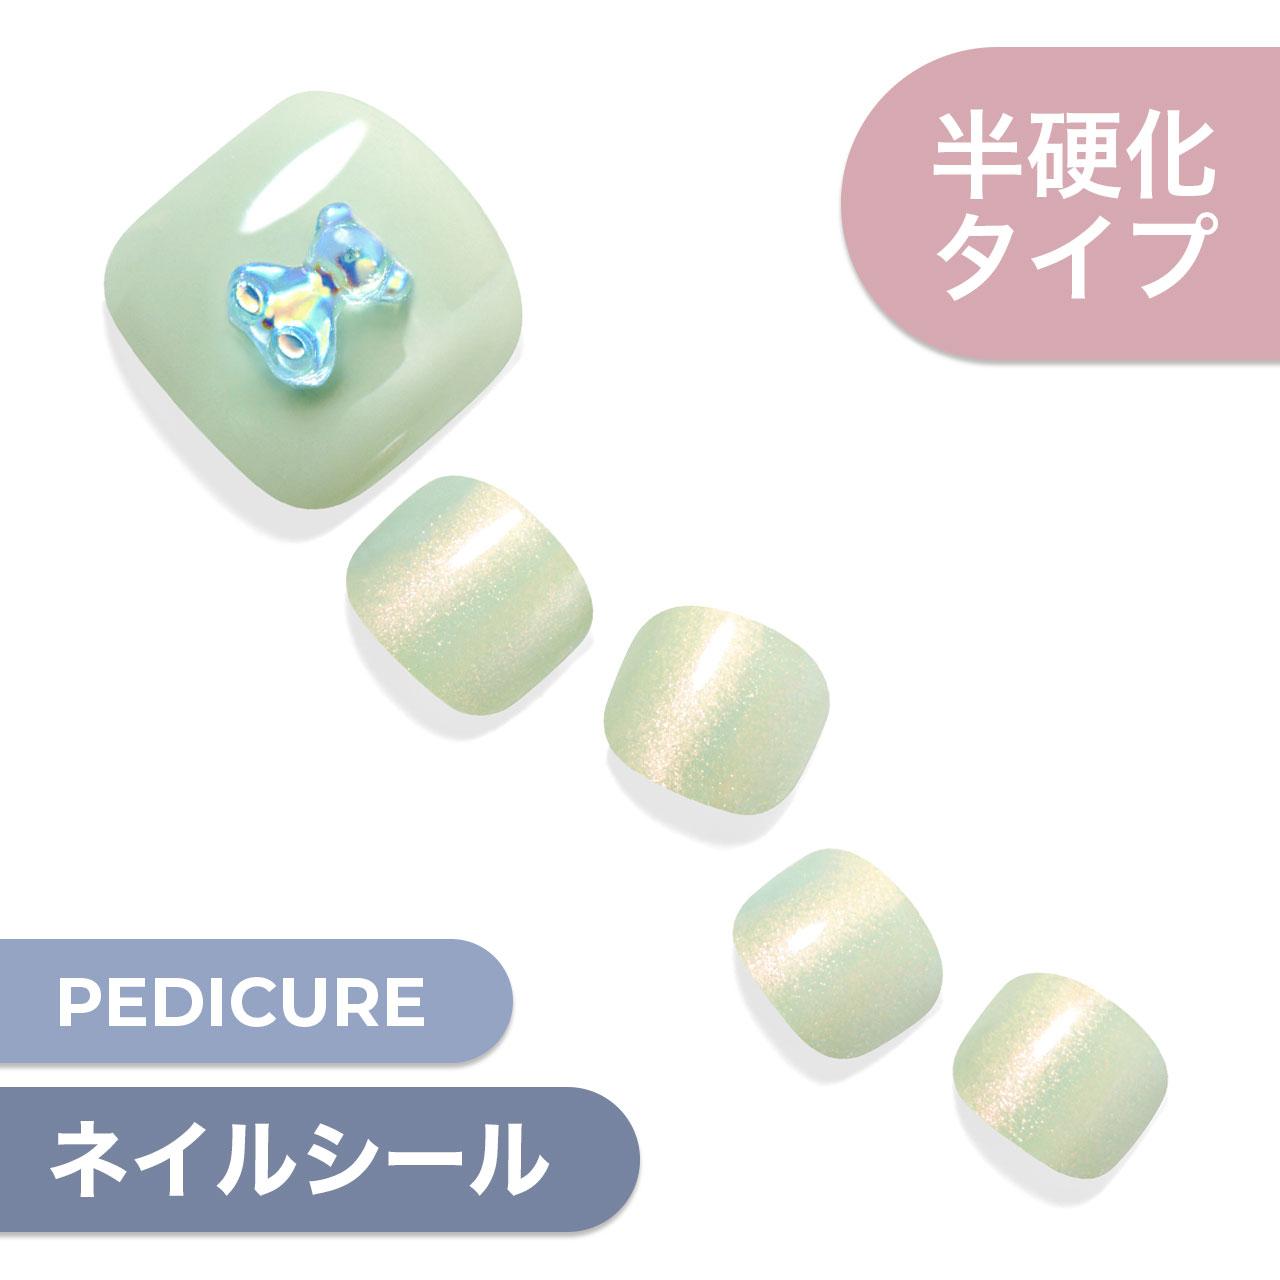 【Mint Bear】ダッシングディバグレーズ ペディ